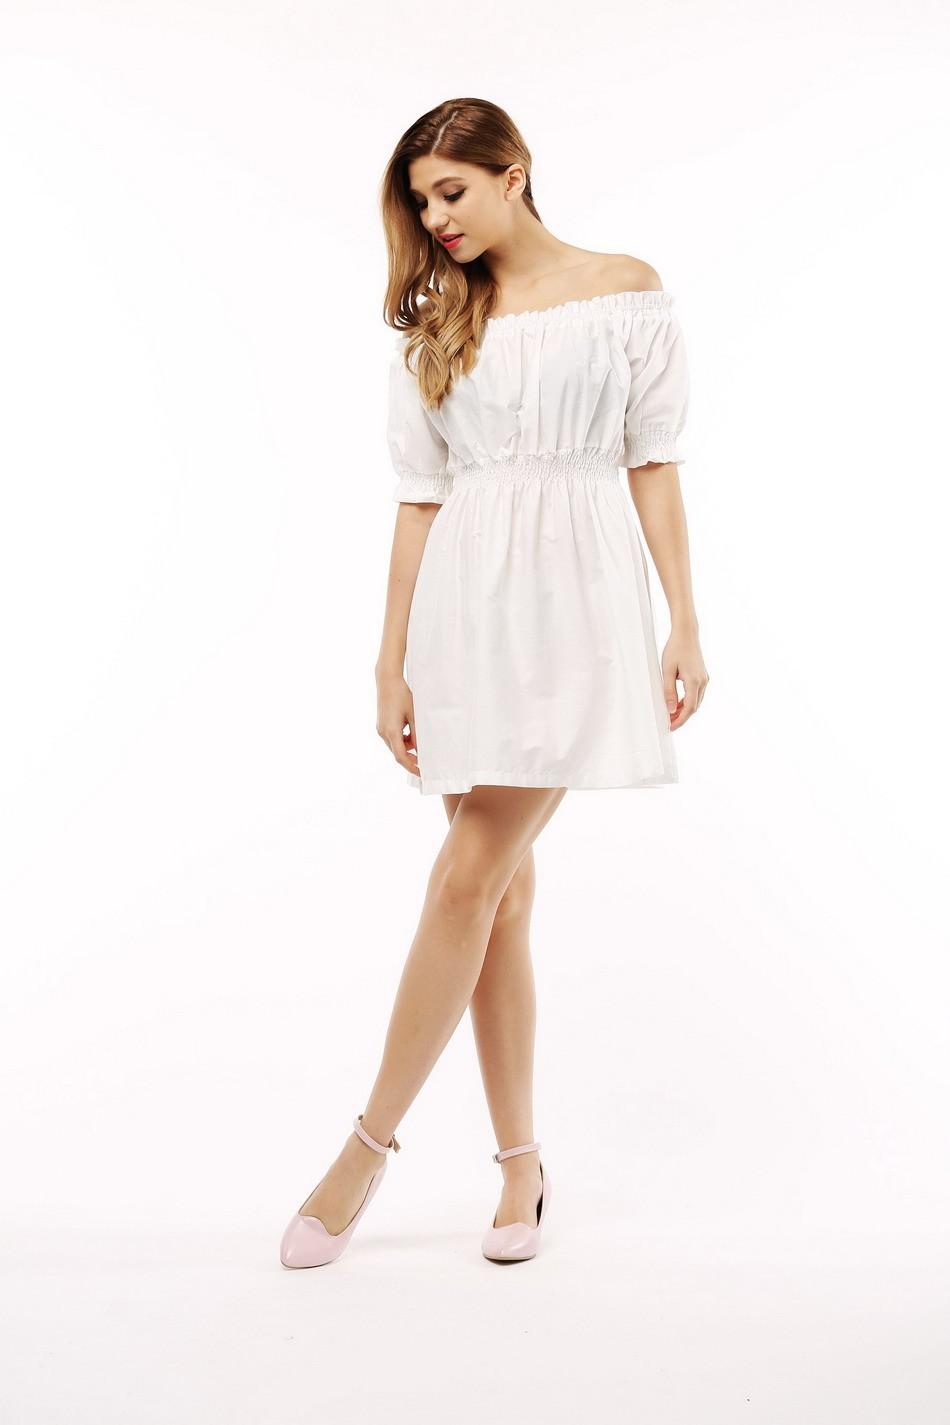 100% bawełna nowy 2017 jesień lato kobiety dress krótki rękaw casual sukienki plus size vestidos wc0380 10